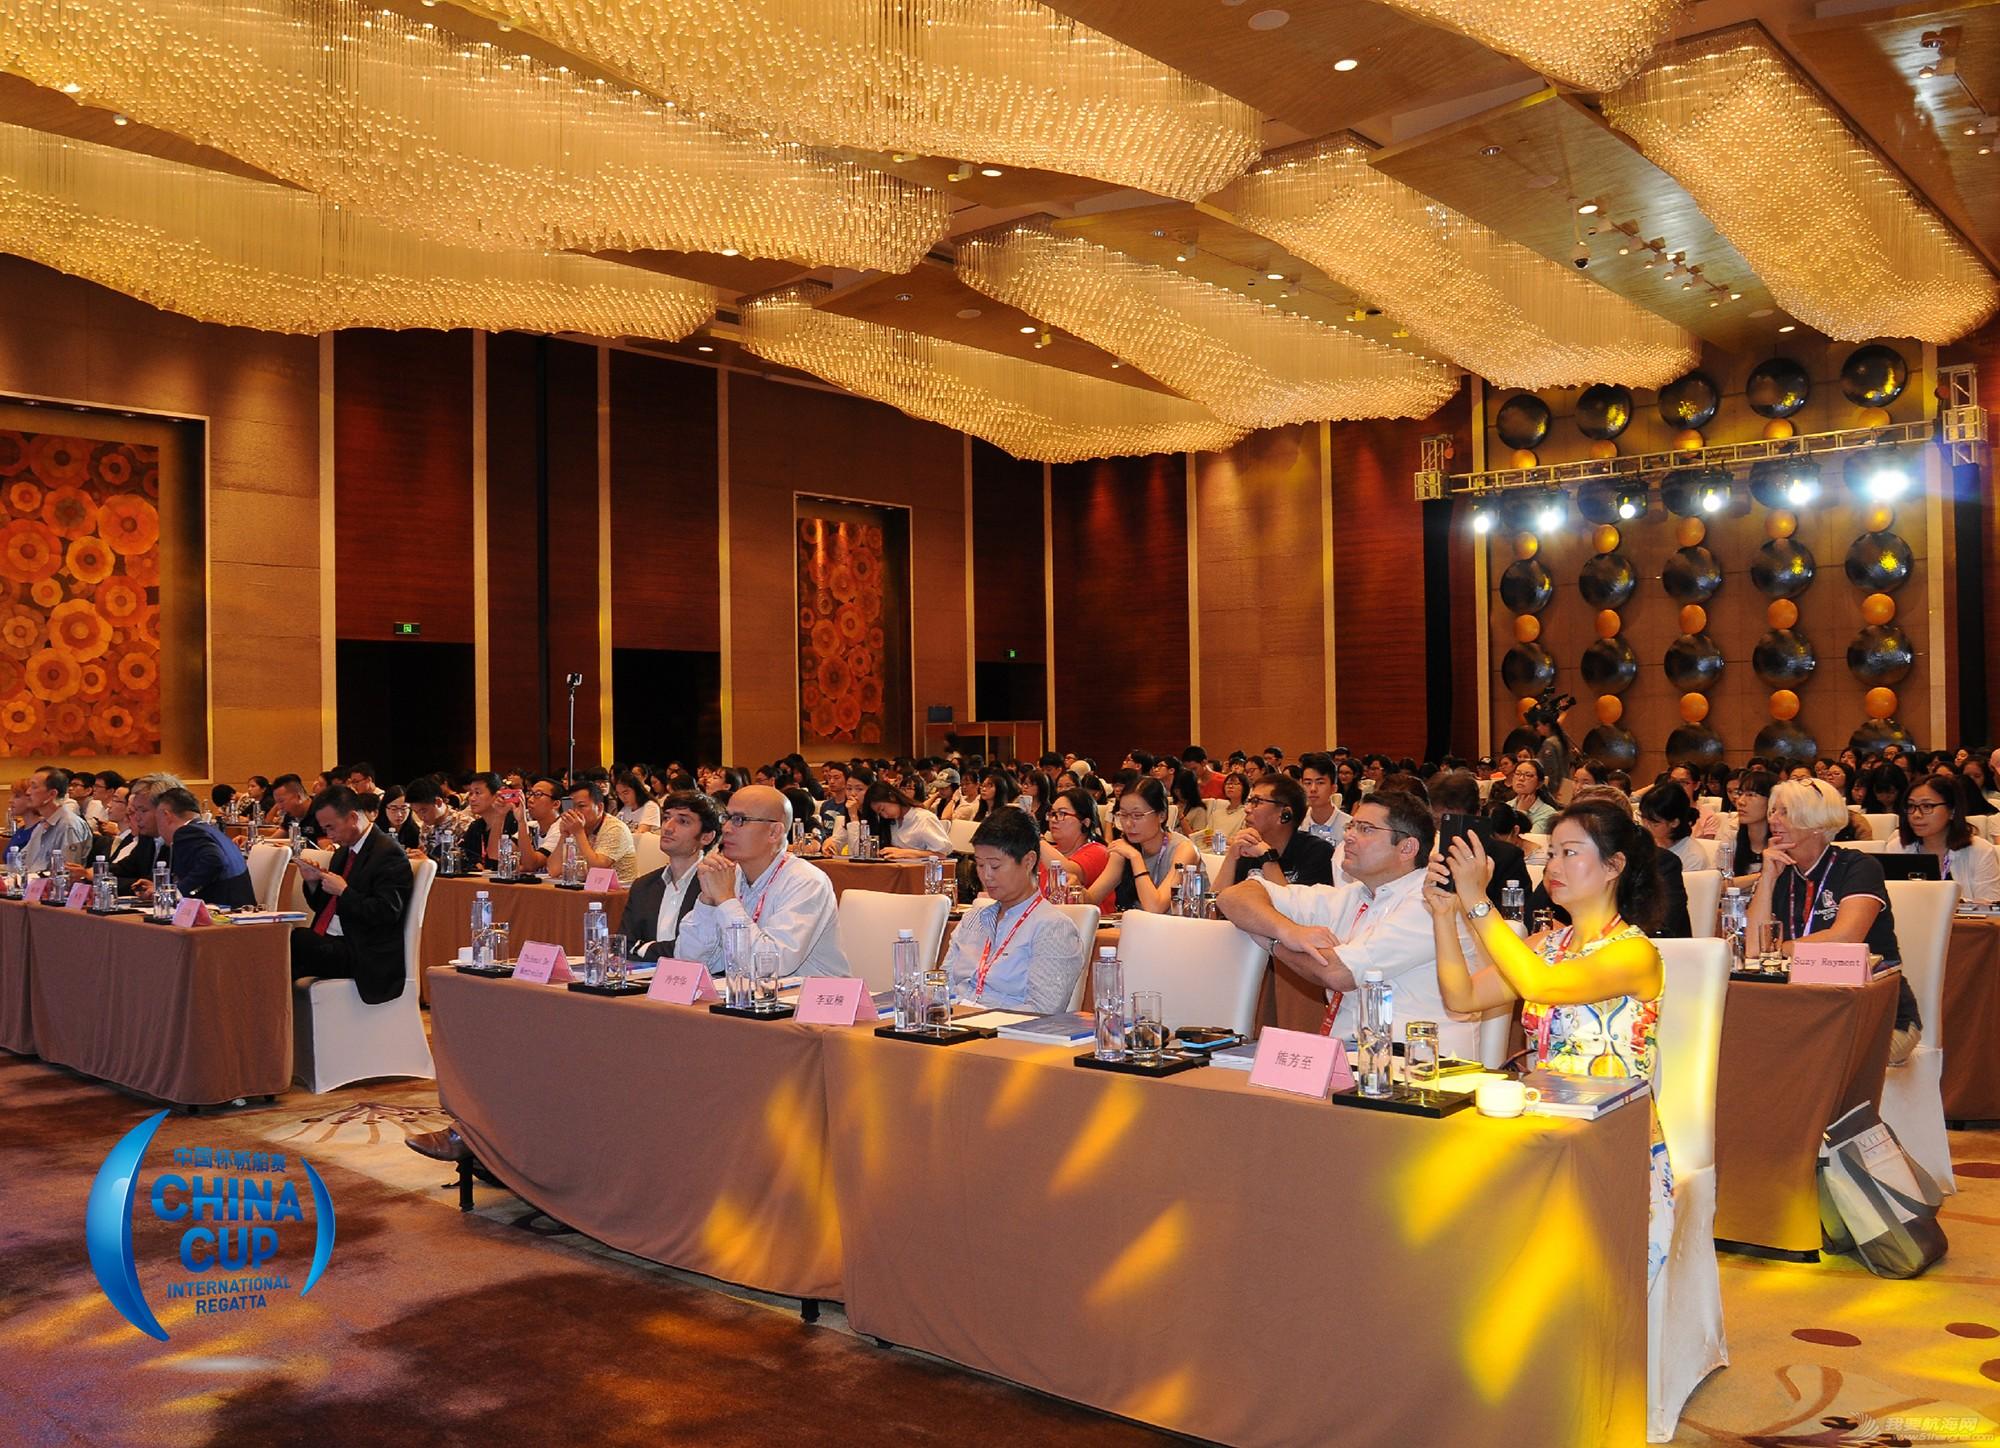 """中国航海 世界未来 第八届""""亚太区航海文化发展(大鹏)论坛""""在深圳举行 lADOf8echM0G1s0JcQ_2417_1750.jpg"""